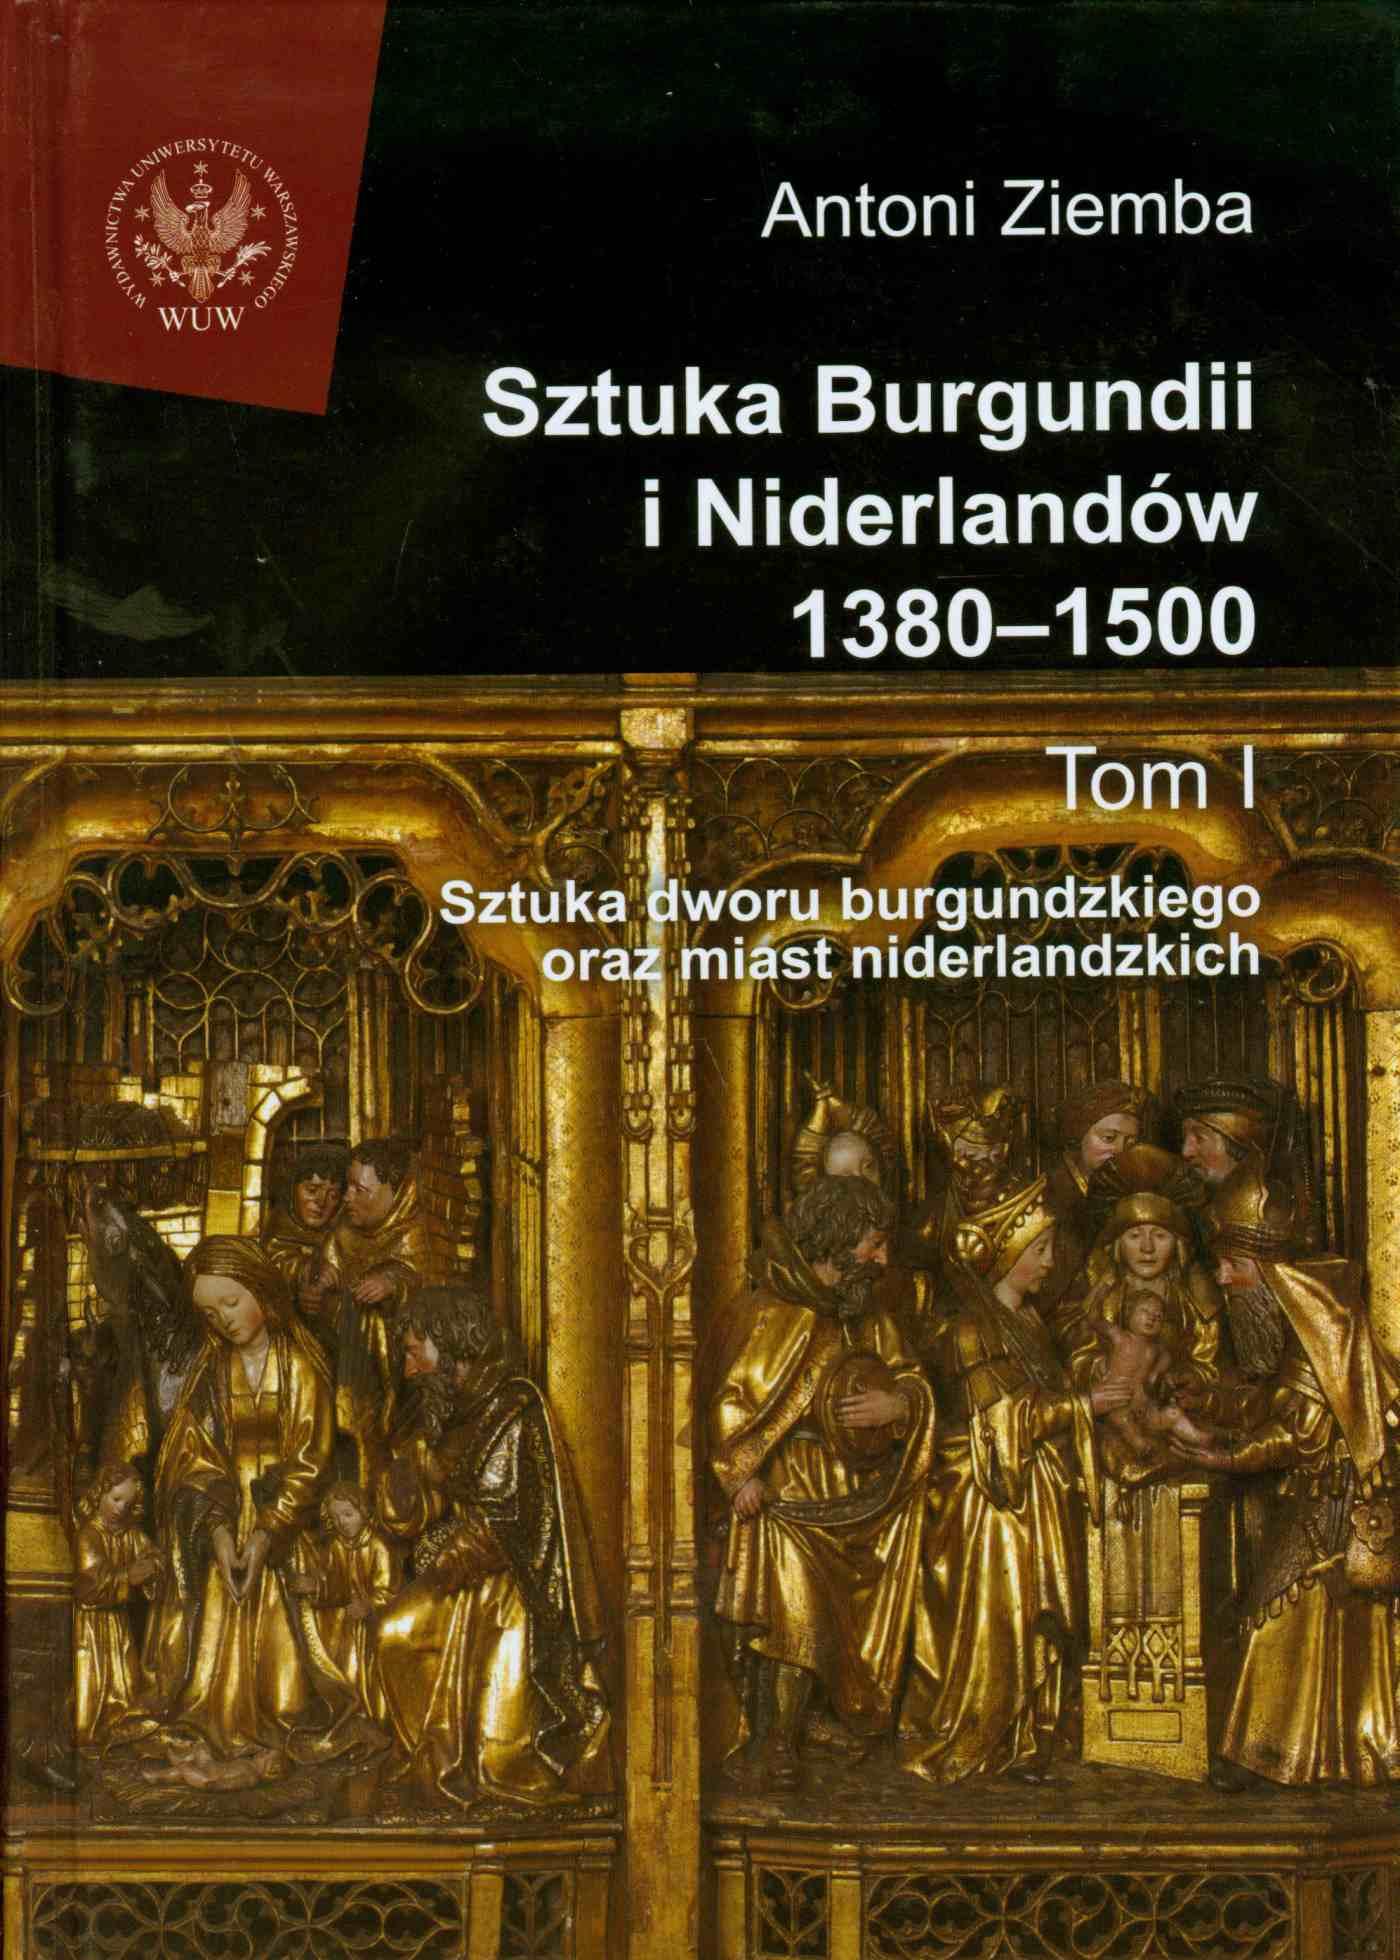 Sztuka Burgundii i Niderlandów 1380-1500. Tom 1 - Ebook (Książka PDF) do pobrania w formacie PDF